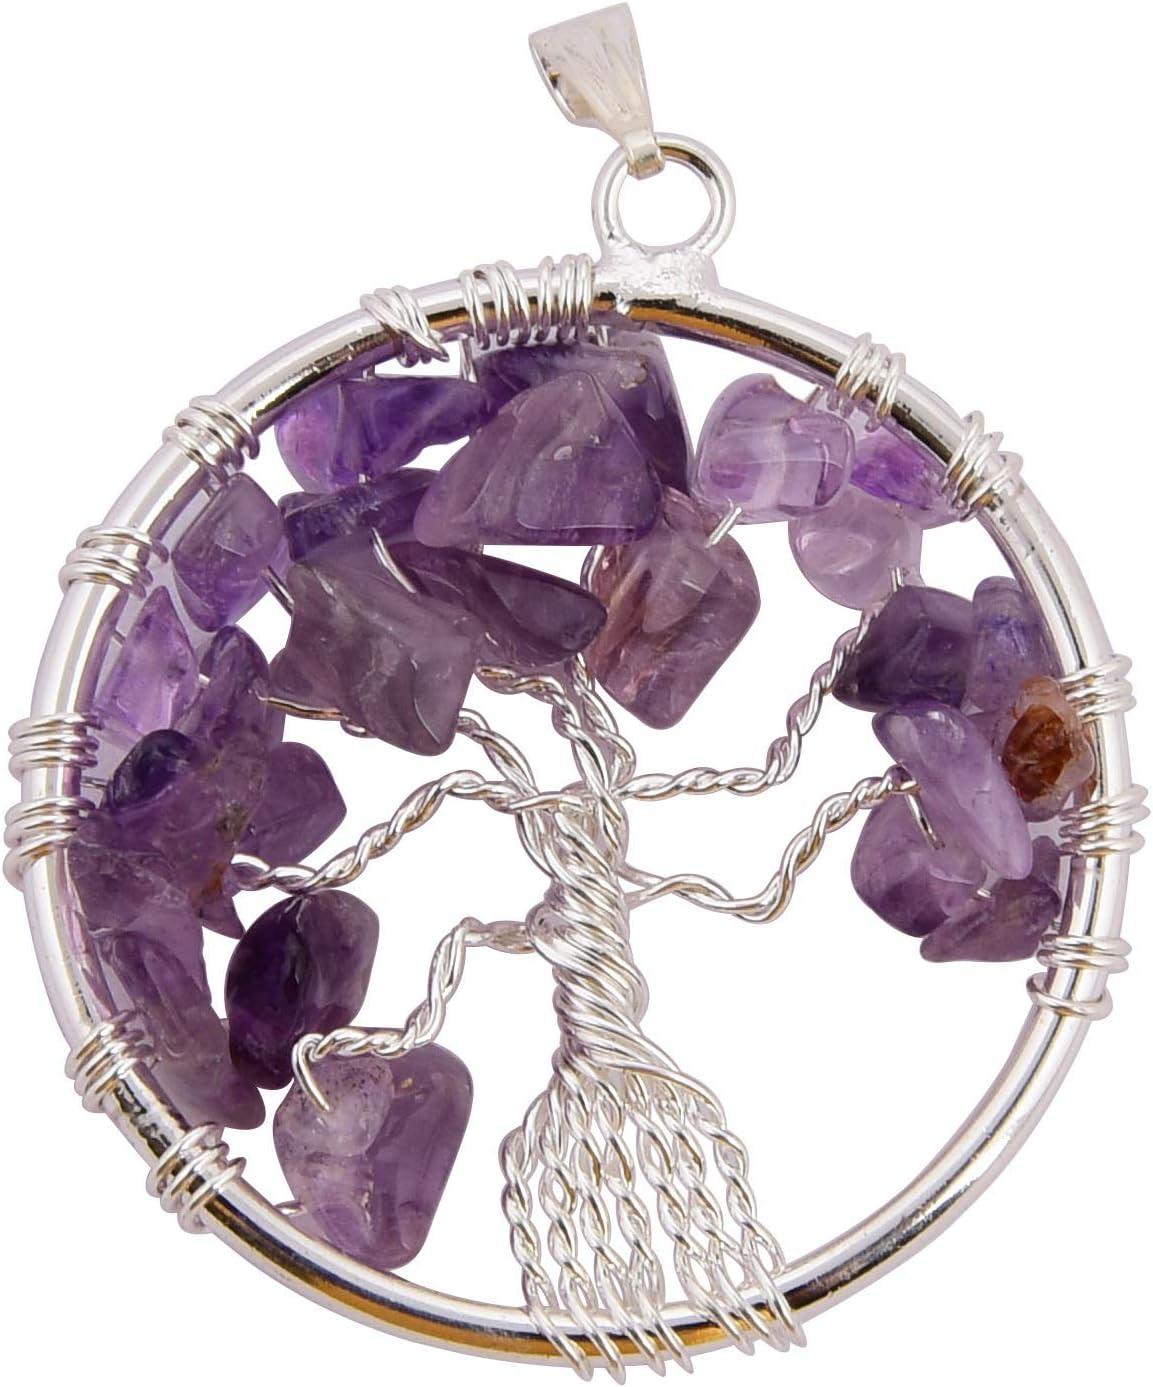 Blessfull Healing Reiki Healing Gemstone Collar de árbol de la vida Piedra de amatista Forma de círculo Colgante envuelto en alambre